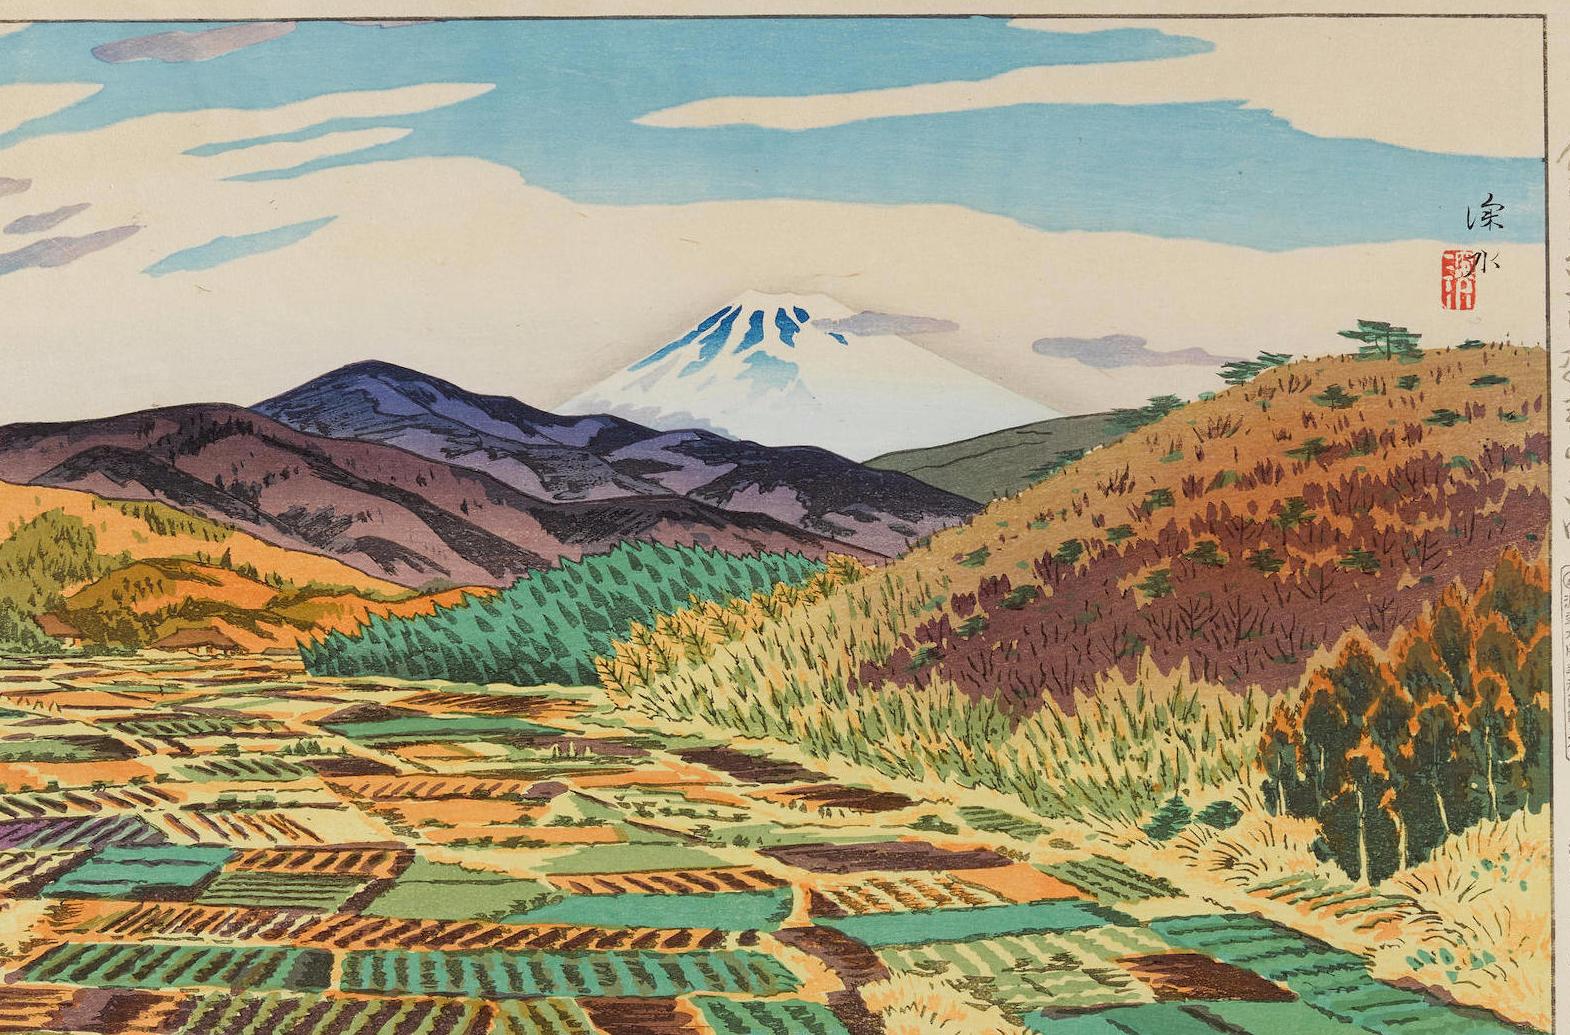 Shinsui Ito, woodblock print